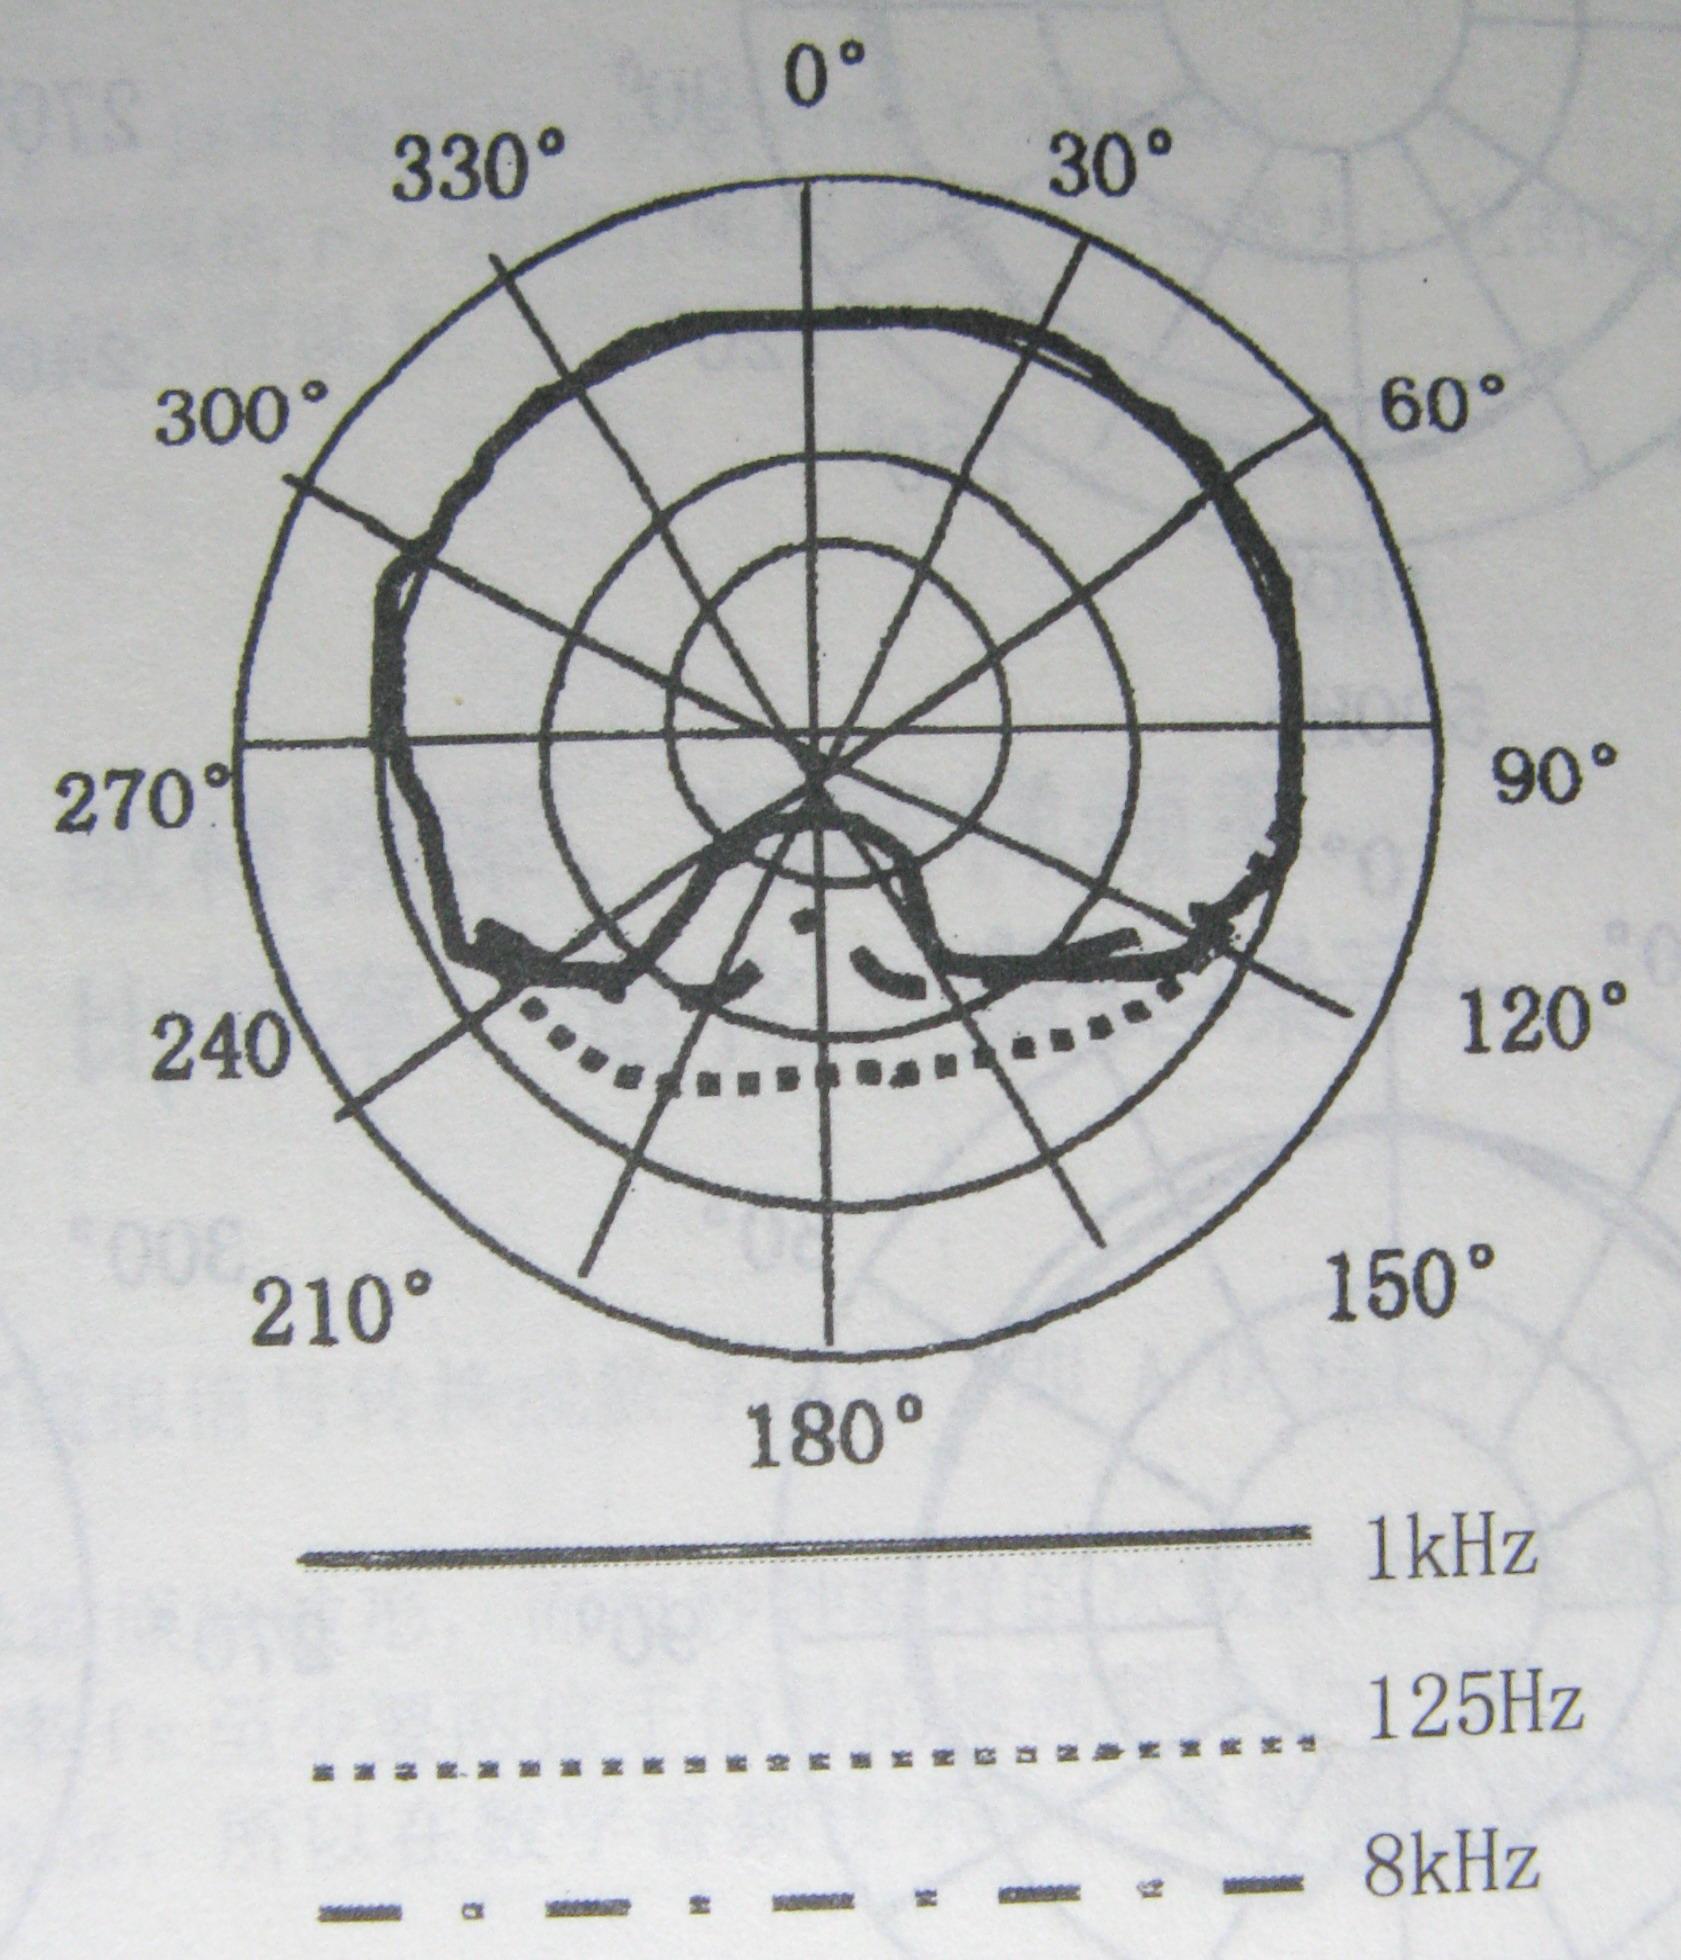 指向性曲线是在由几个同心圆构成的极坐标系中,加上实测的数据曲线组成的极坐标曲线,用来表示话筒在不同方向上的灵敏度。曲线离园心越近(绝对值越小)表示衰减越多、灵敏度低,几个同心圆的每一圈变化率是相等的(约5 dB),正上方为0表示正对着话筒,三种频率的曲线都在约5 dB的位置并按左右对称的排列,每隔30有一根过园心的射线,表示话筒测试时的方向。如果测试所得的曲线为正园形时表示全方位的,也就表示被测话筒是无指向性的、心形表示有指向性的(如图中1KHz对应的曲线)、尖花瓣形表示强指向性的,这些曲线在话筒的